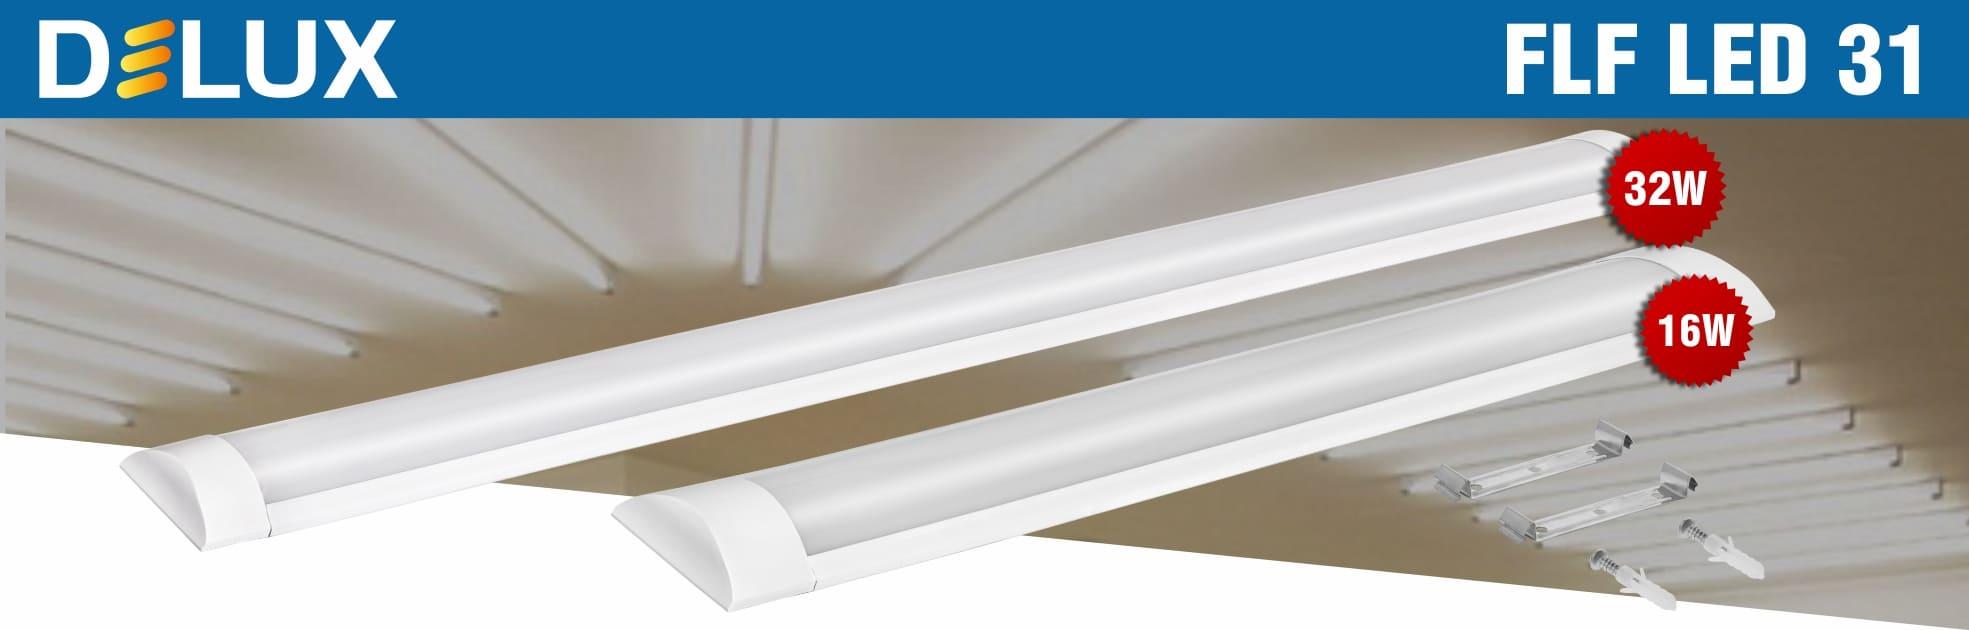 Світильники світлодіодні настінно-стельові Delux FLF LED 31